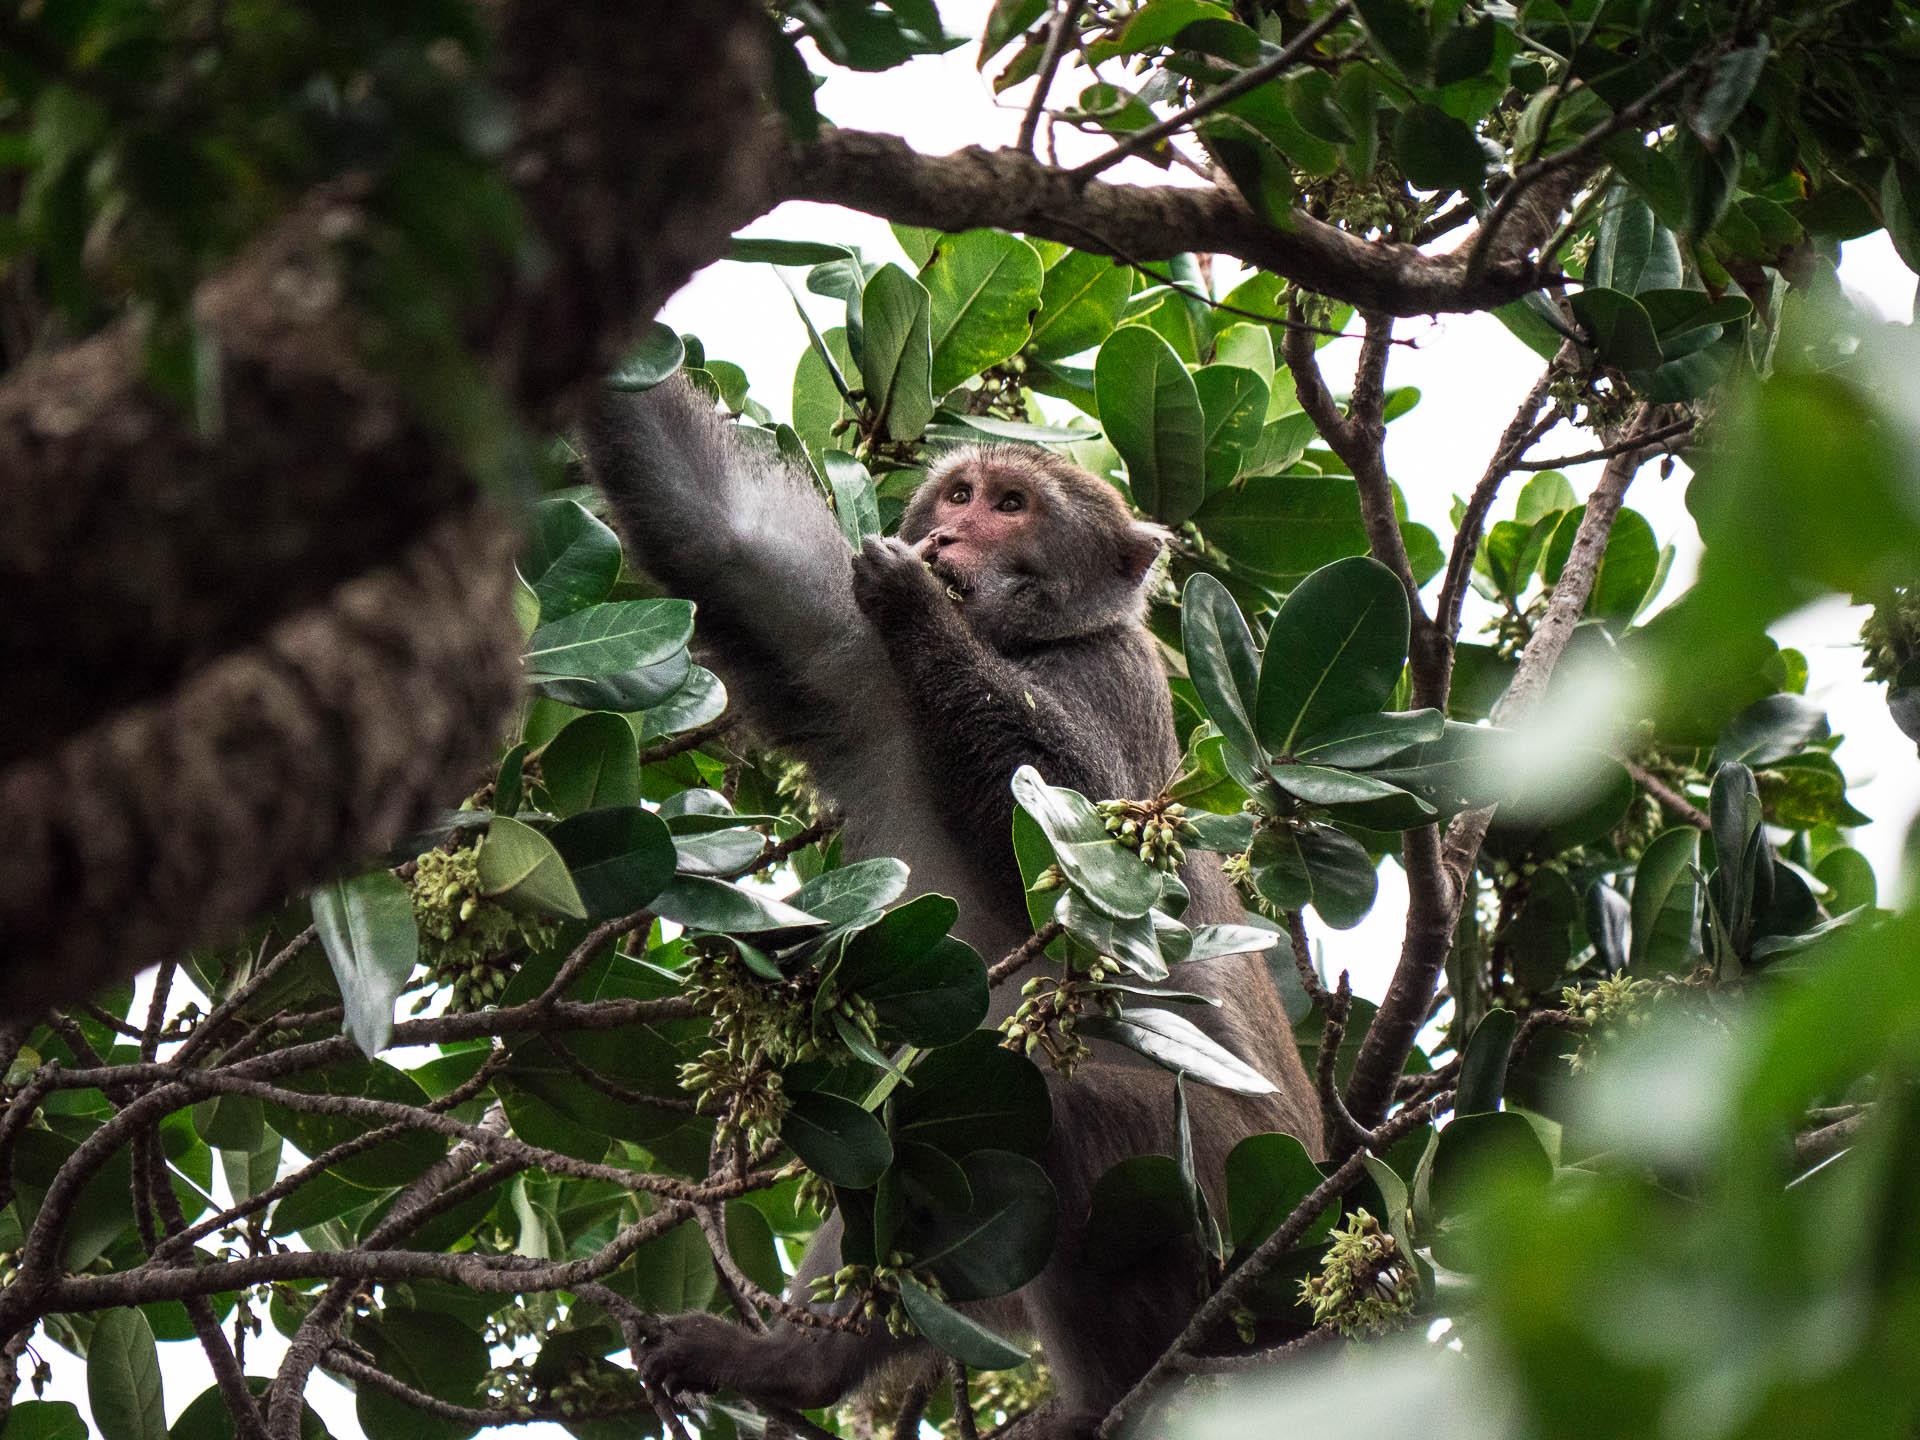 parc forestier kending macaque - Les globe blogueurs - blog voyage nature